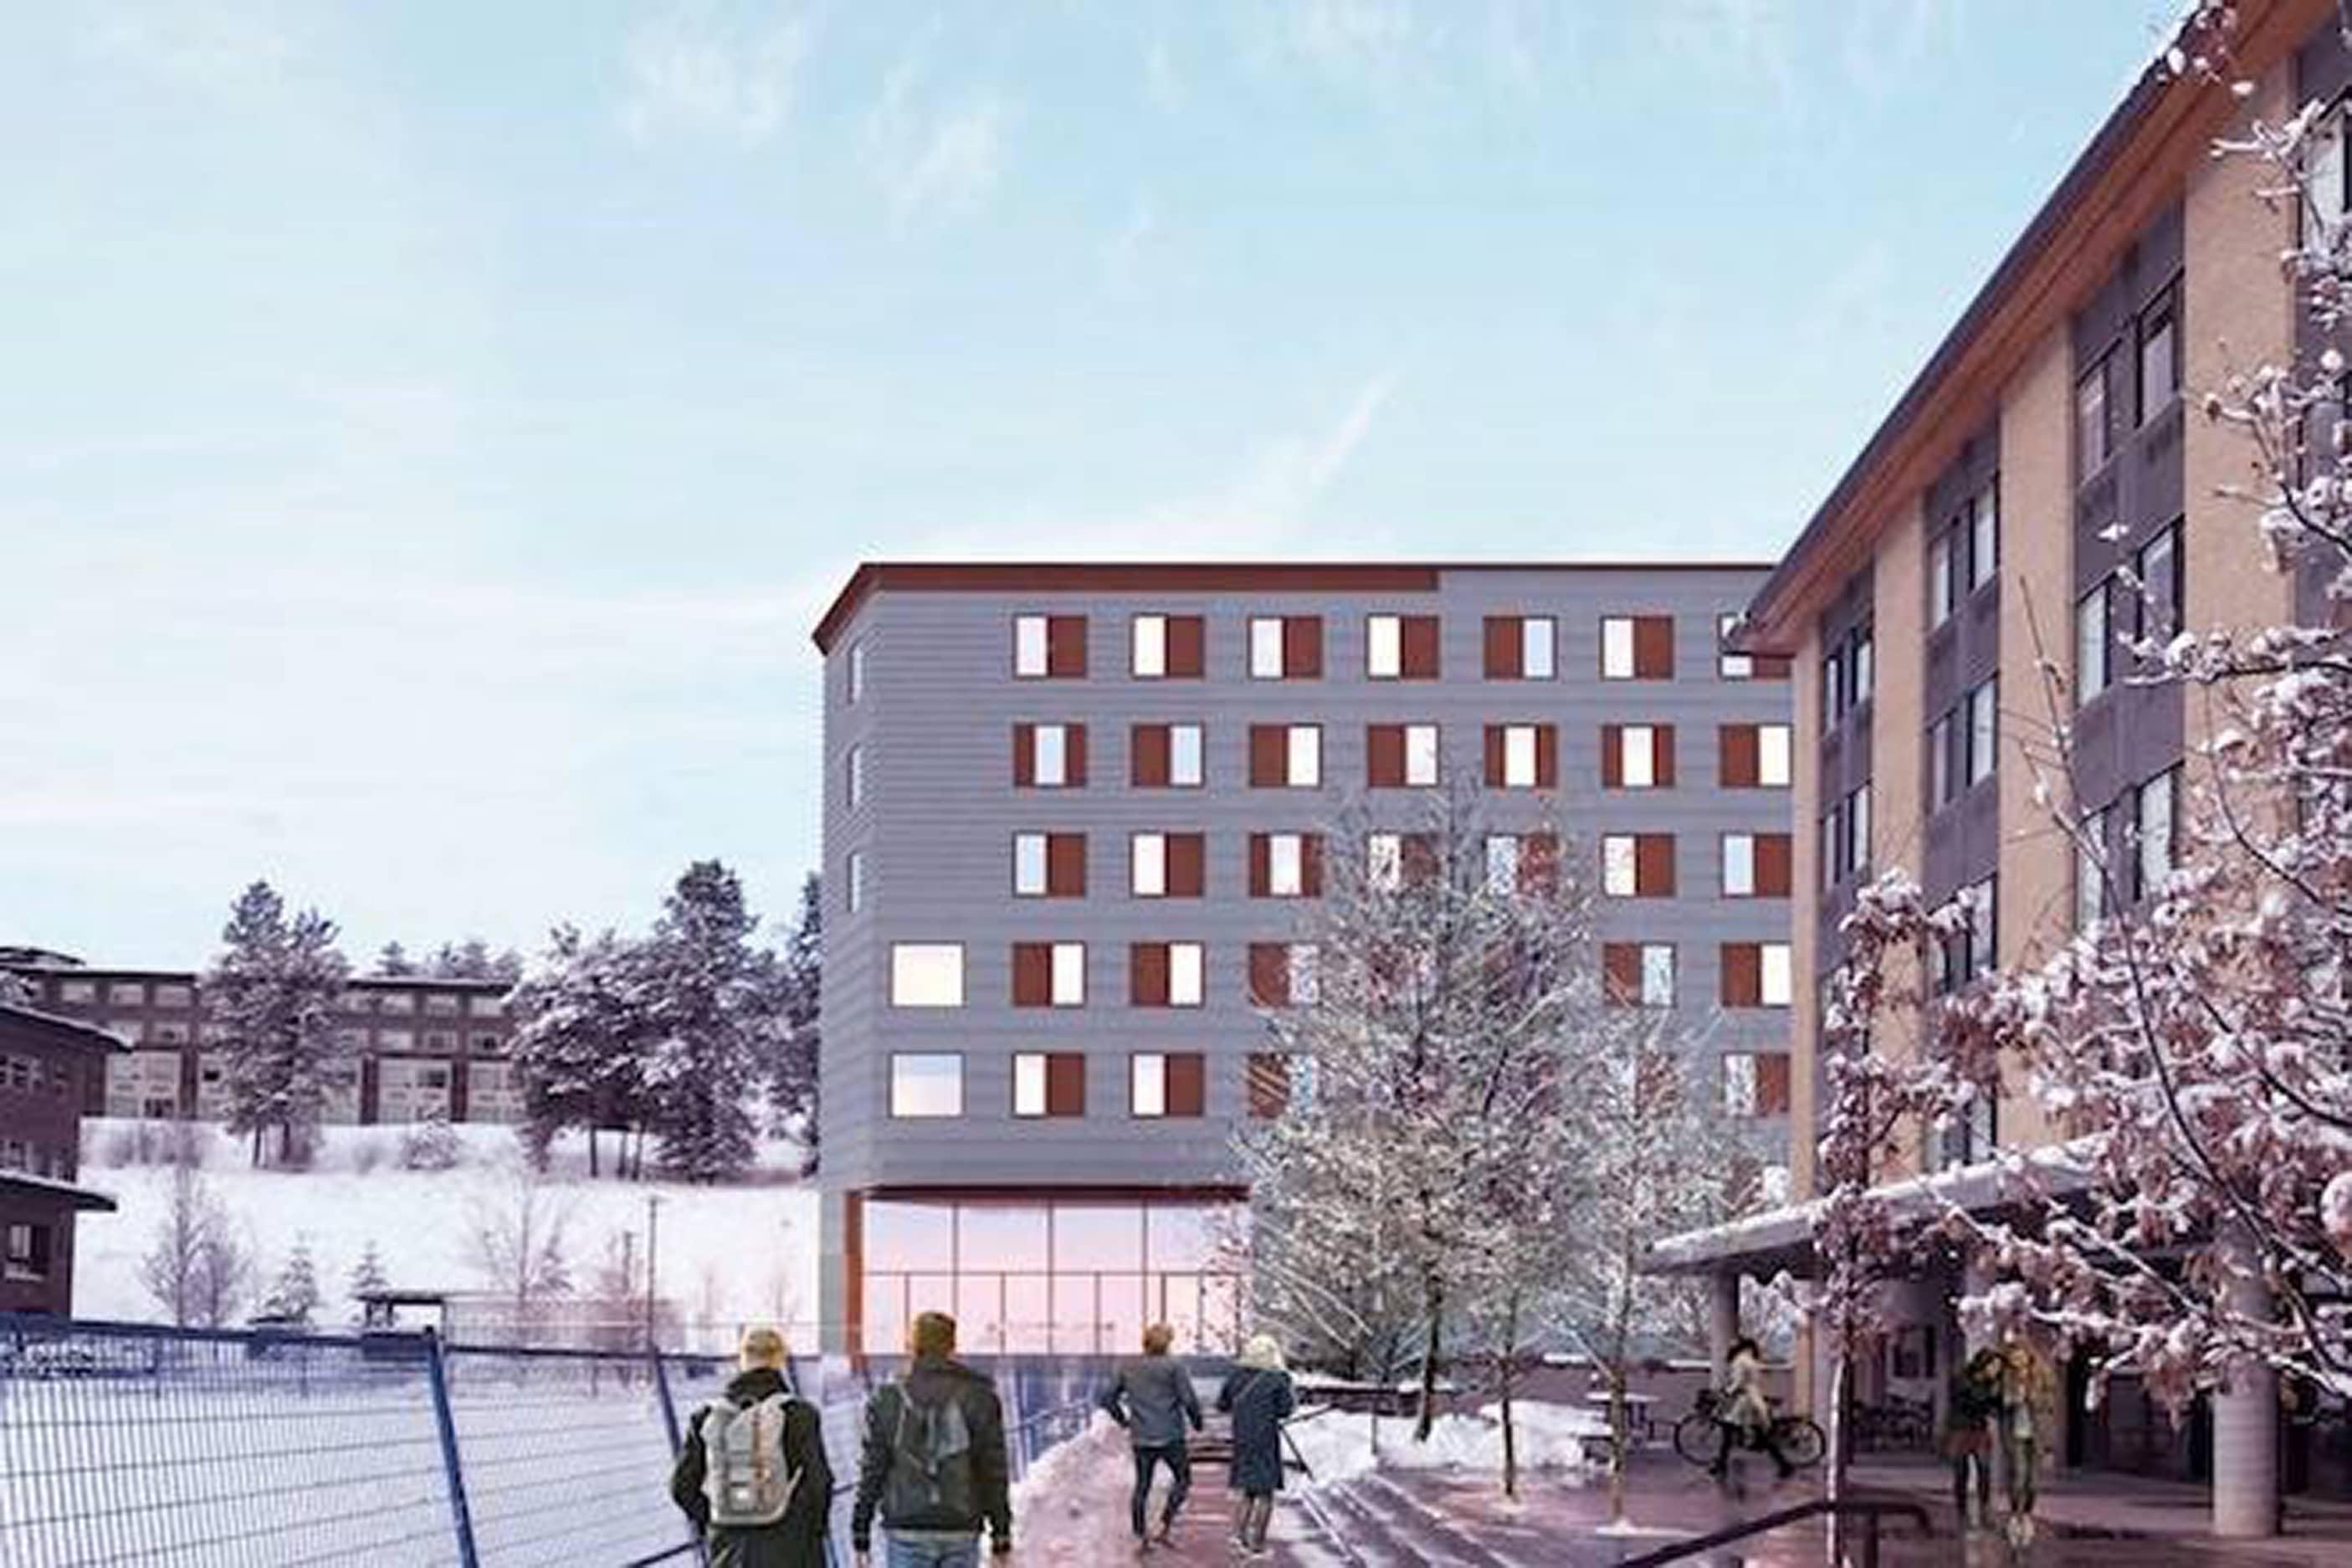 bbp ubco skeena student residences rendering exterior 2